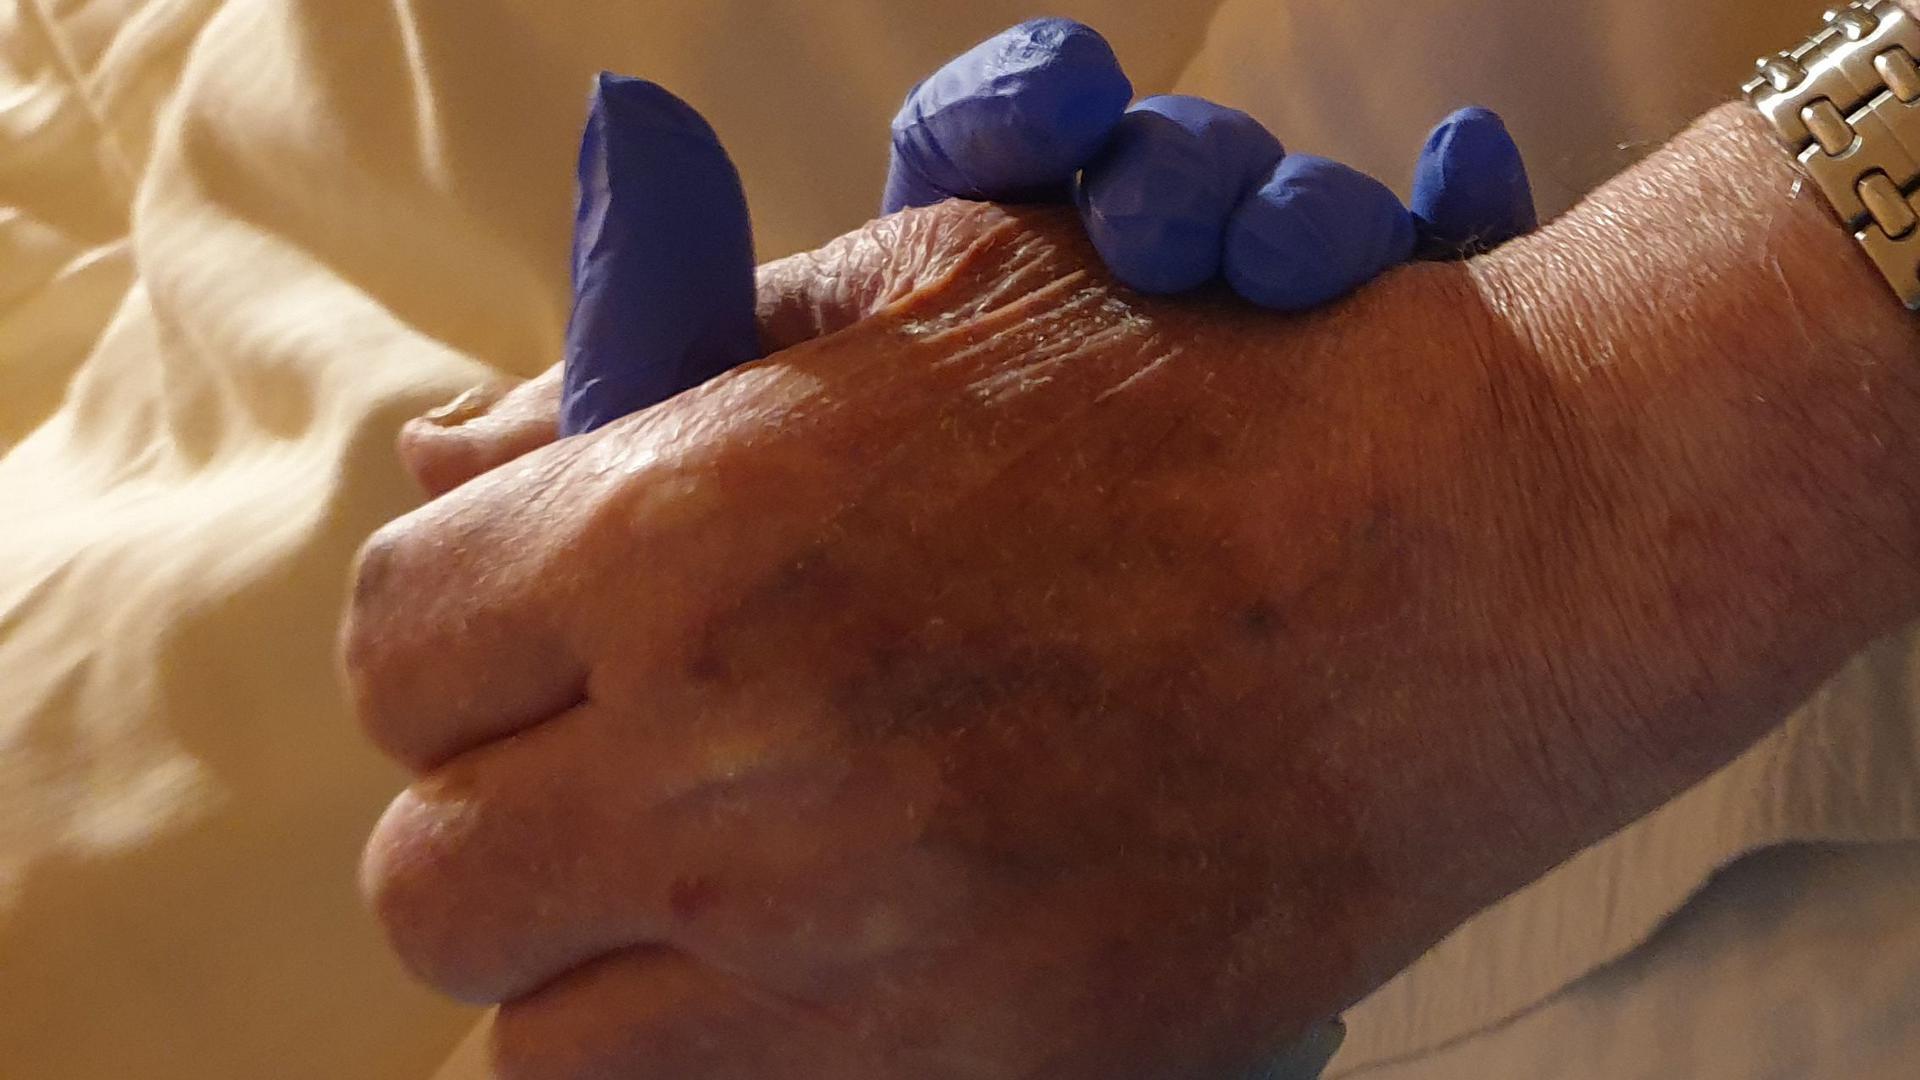 Die Hand von Bettina Oster im blauen Schutzhandschuh umschließt die Hand ihres Vaters.